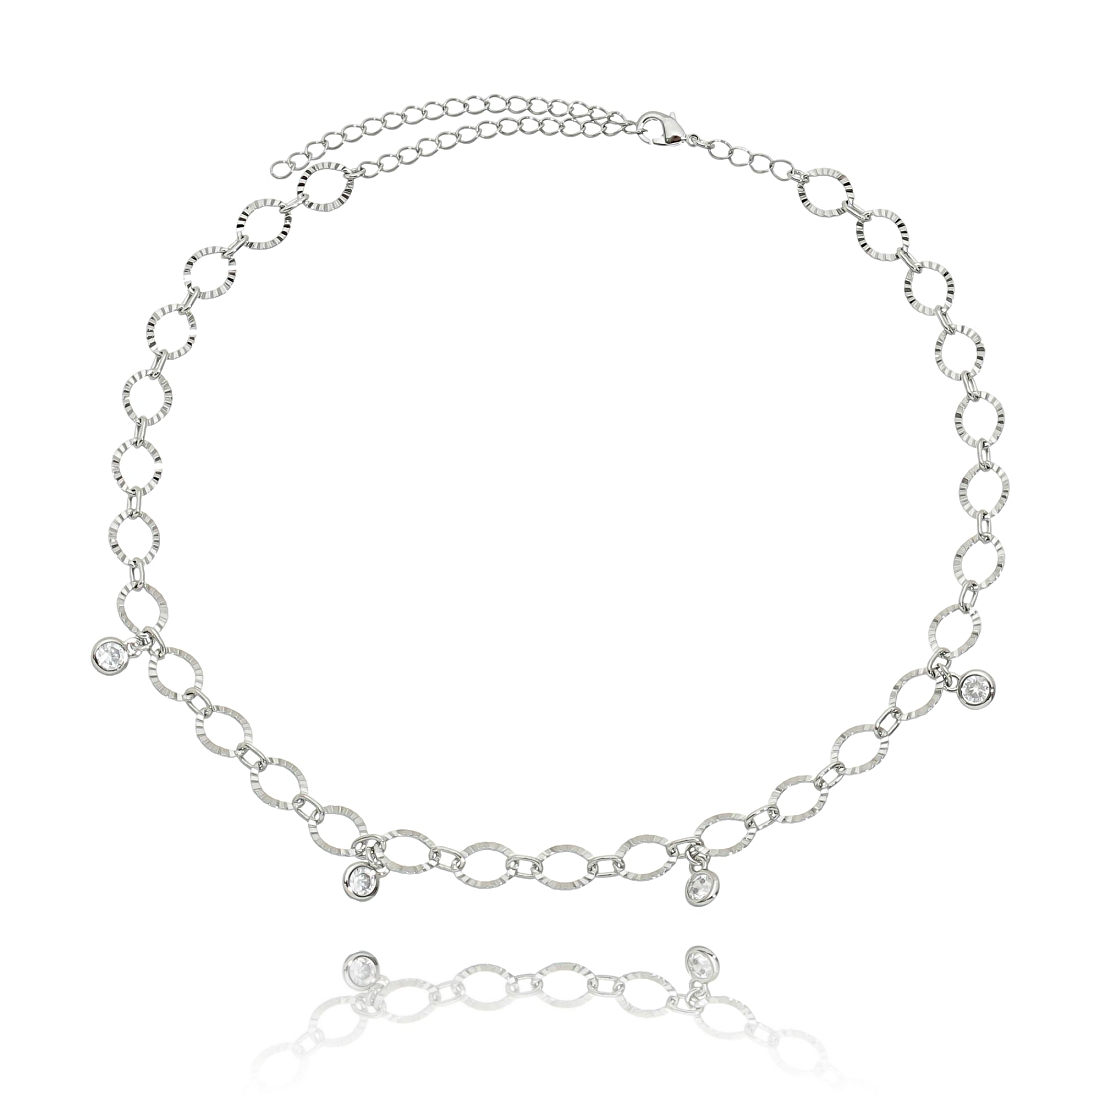 Gargantilha e Choker Elos com Zircônia Cristal Semijoia Ródio Branco  - Soloyou